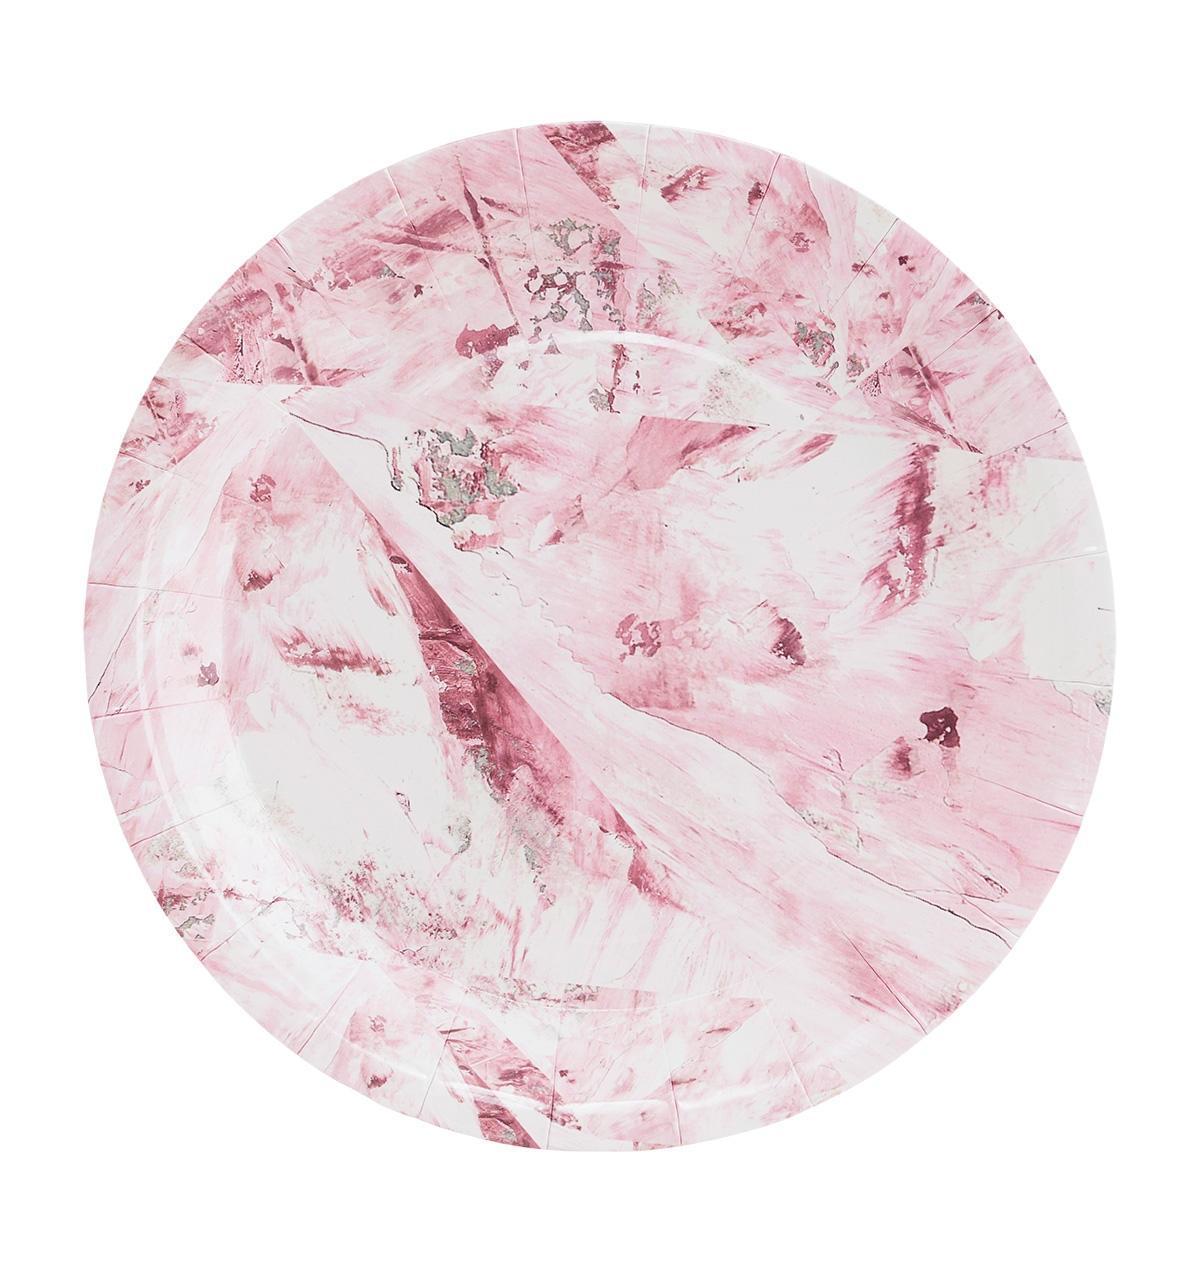 House Doctor Papírové talířky Pink Marble - set 12 ks, růžová barva, papír